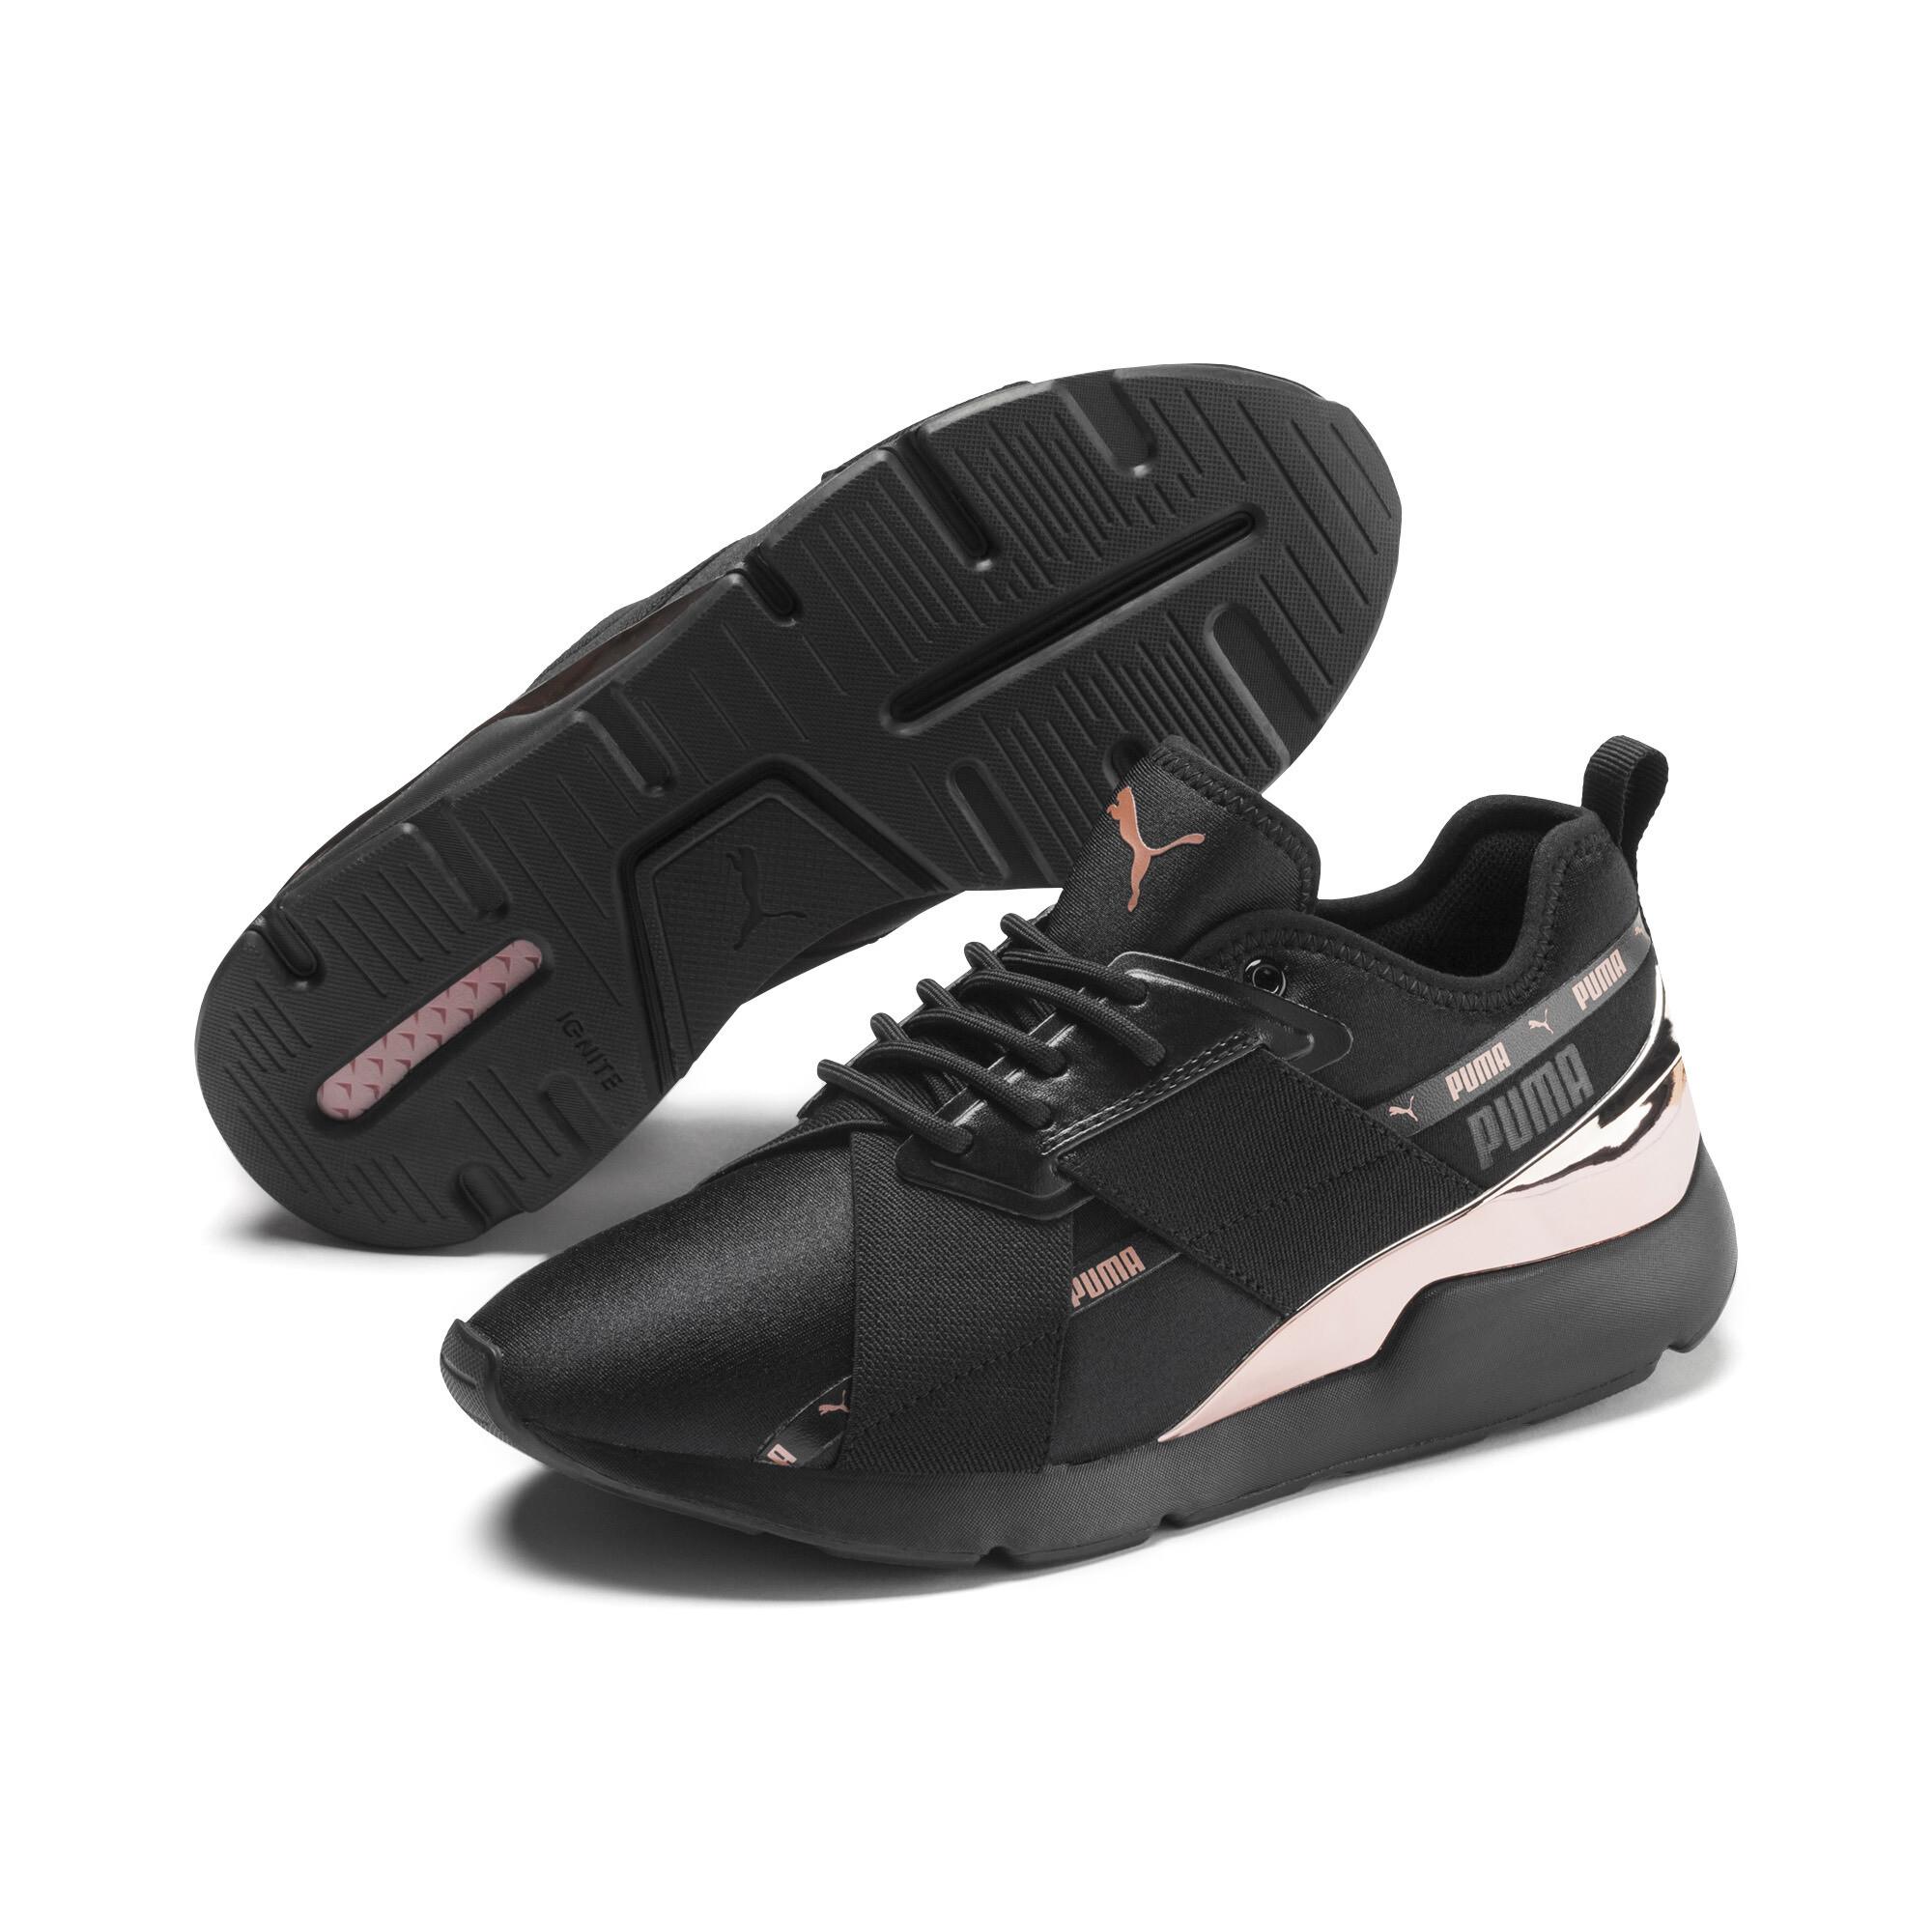 Details zu PUMA Muse X 2 Metallic Damen Sneaker Frauen Schuhe Neu